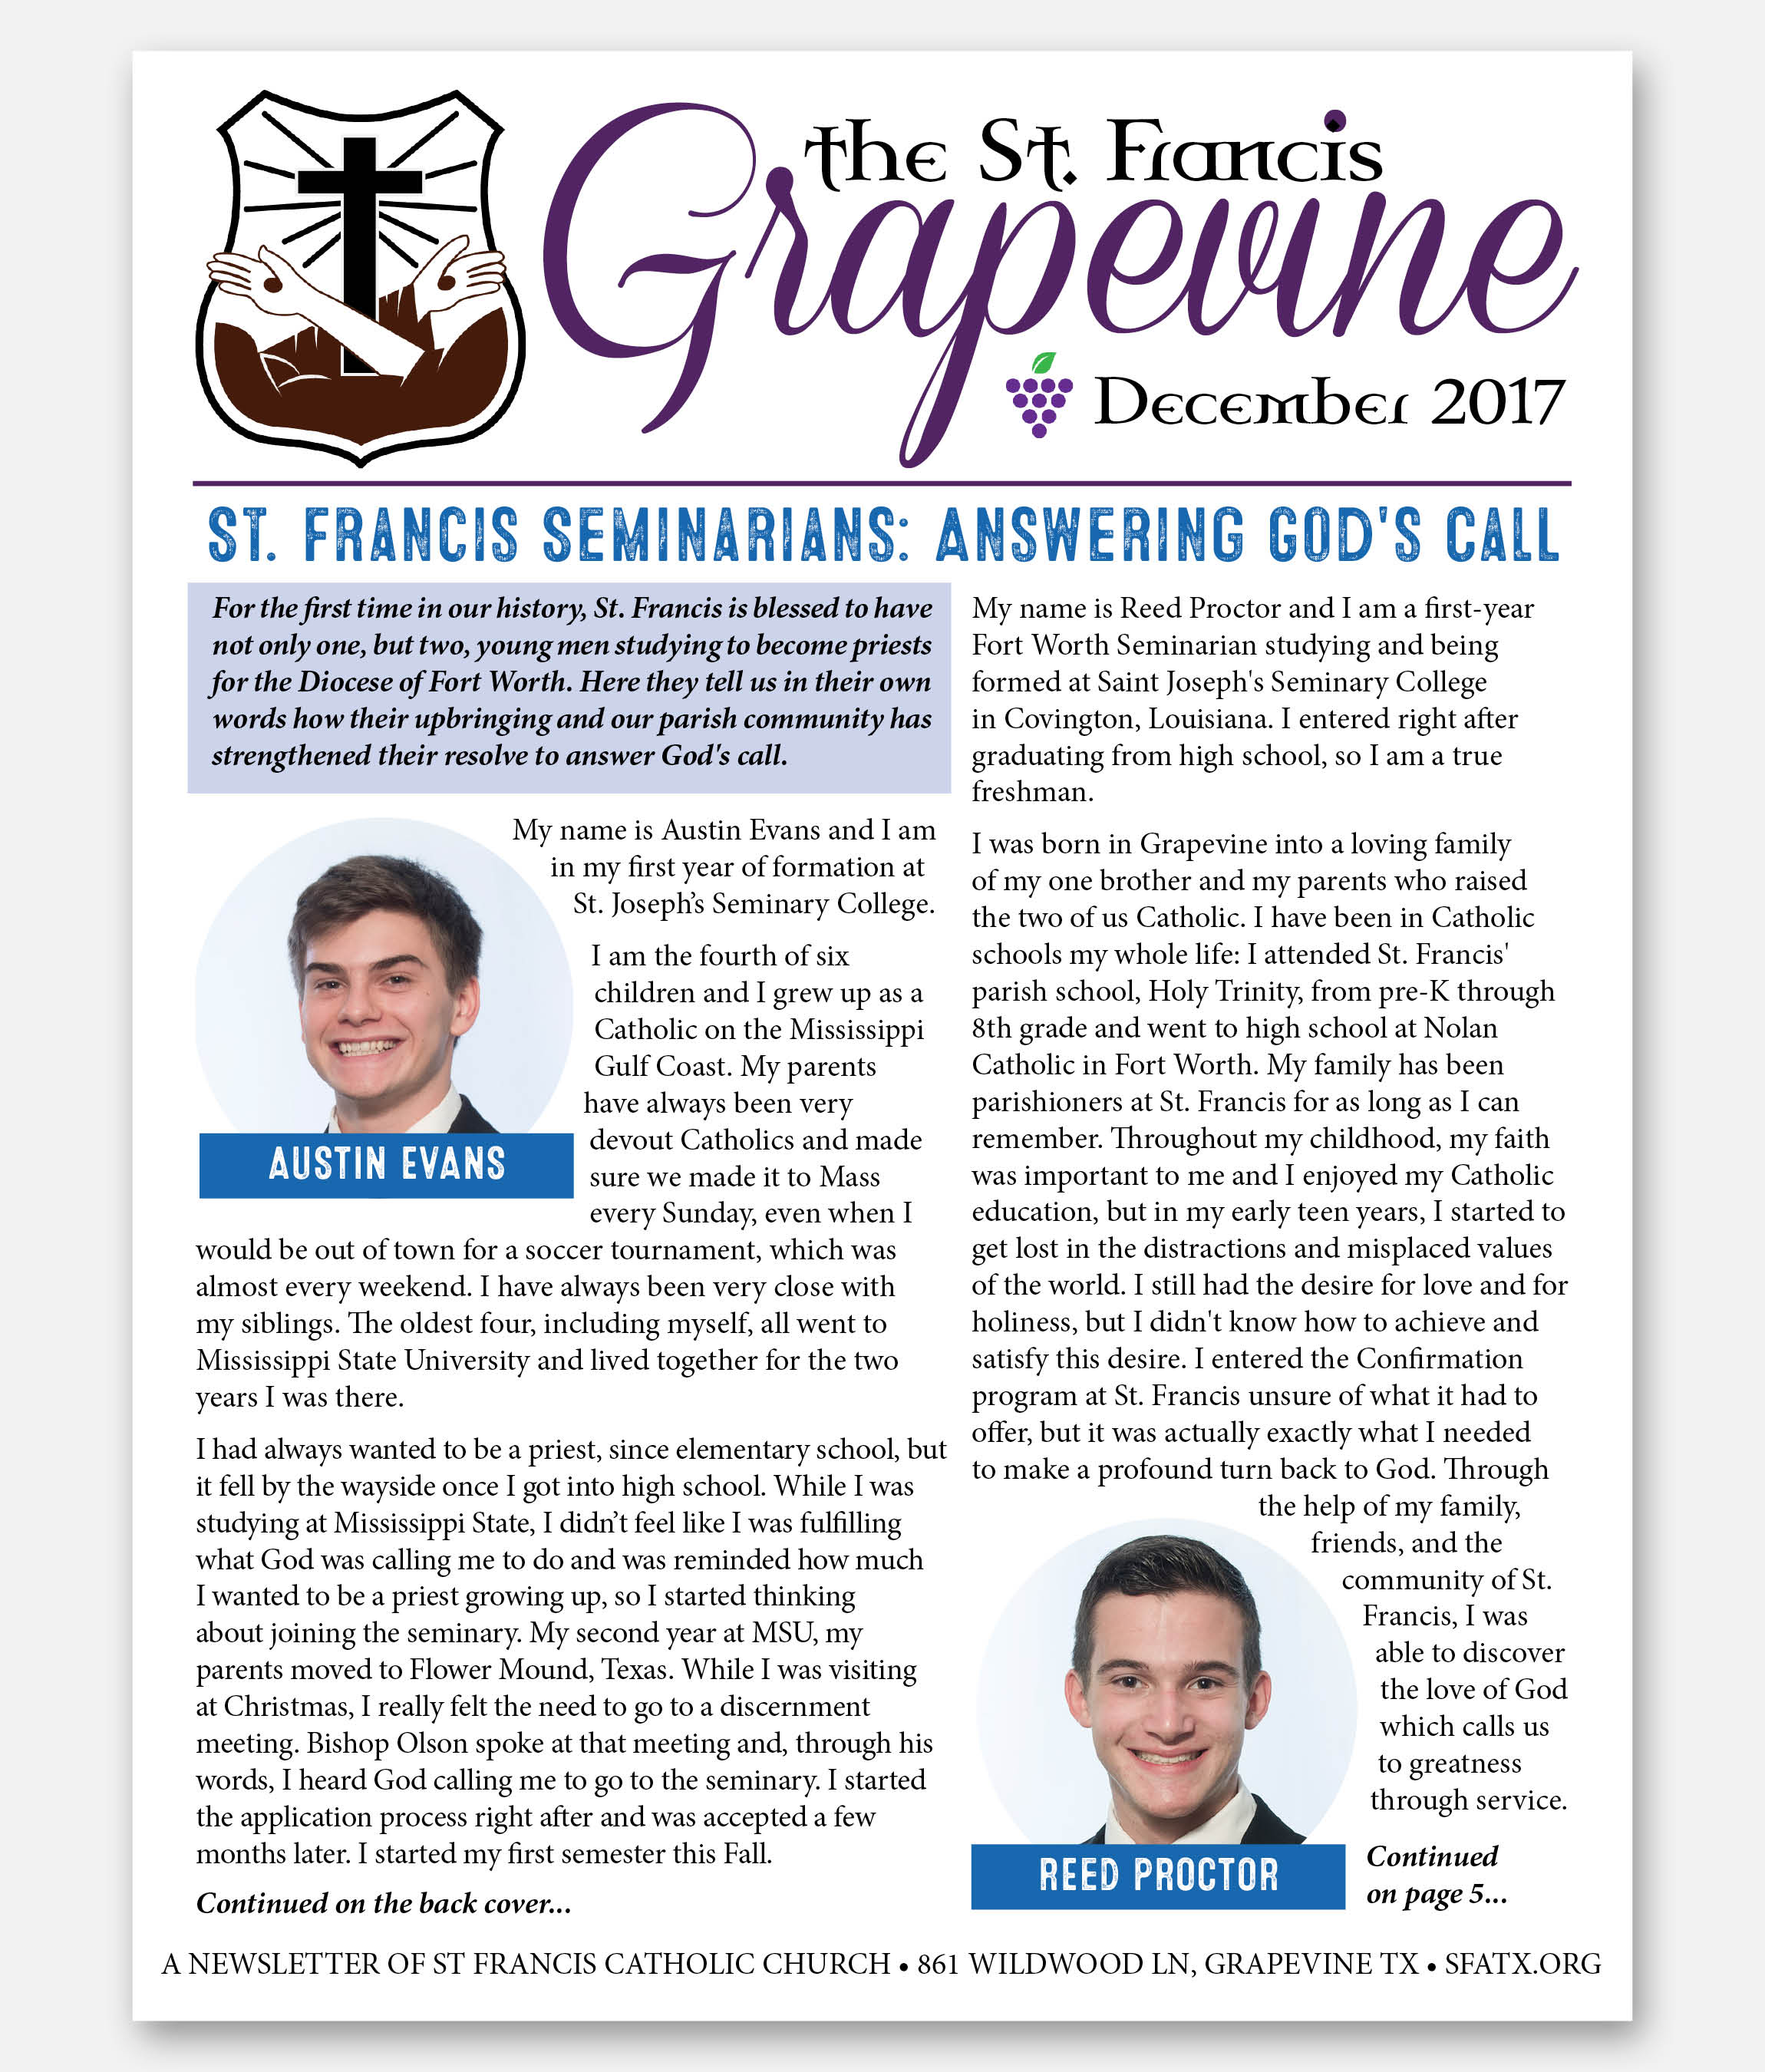 grapevine-newsletter-dec17.jpg